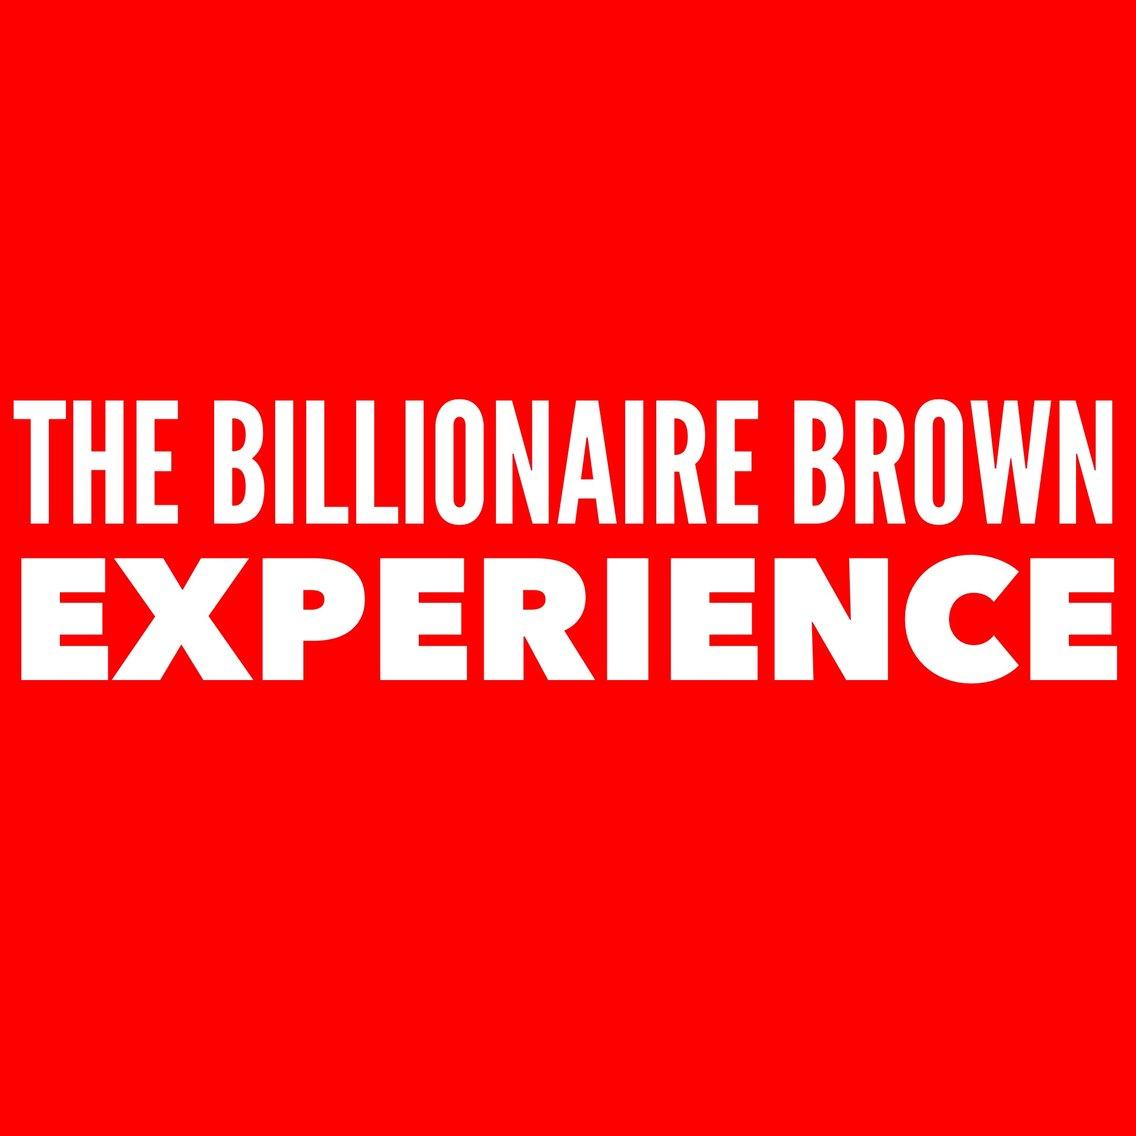 The Billionaire Brown Experience - immagine di copertina